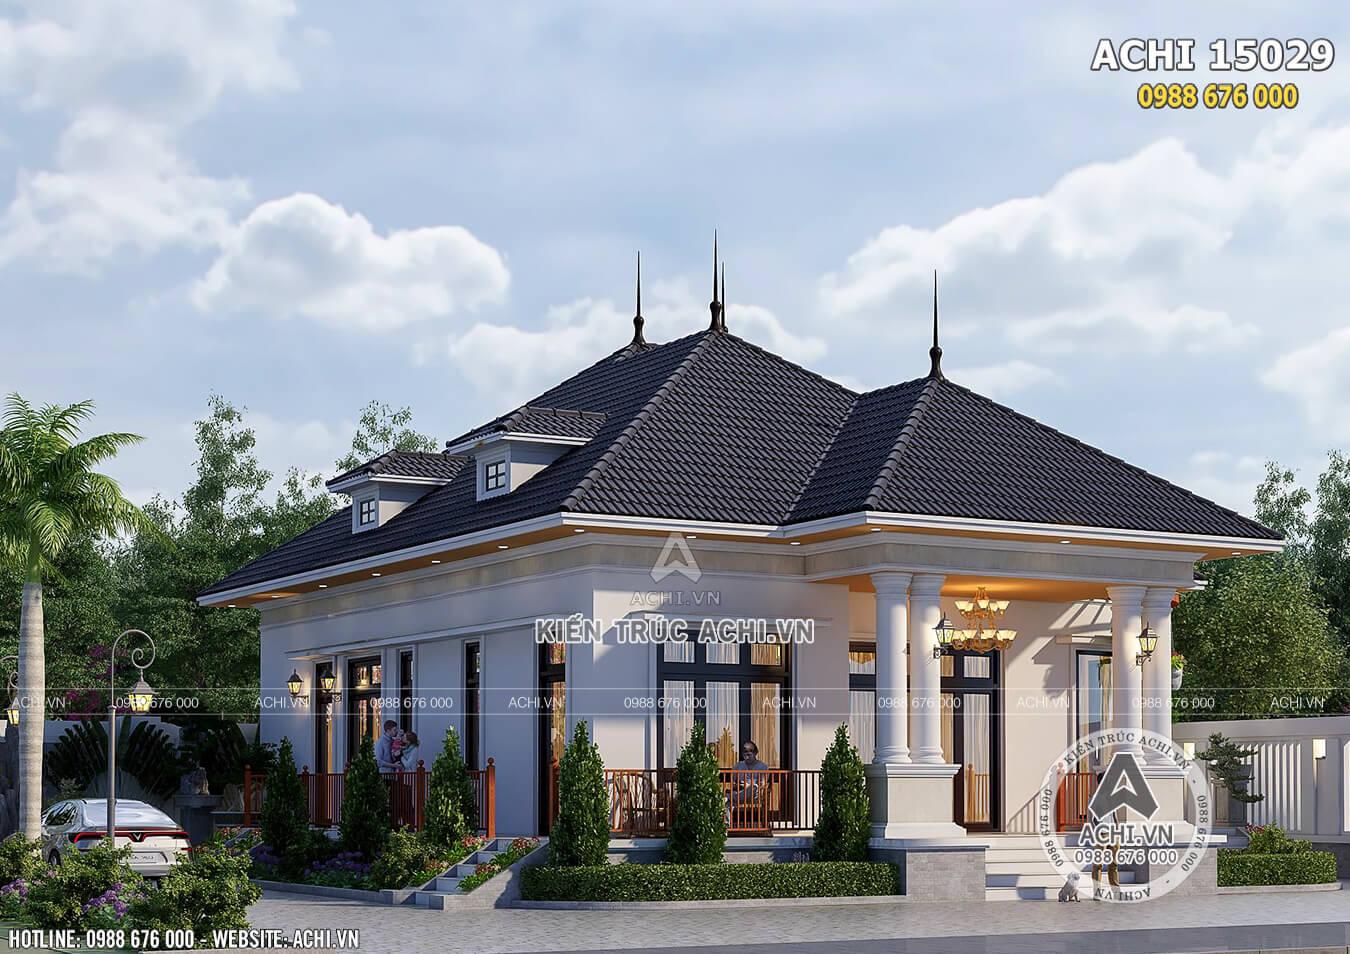 Hình ảnh: Một góc view của mẫu nhà mái thái đẹp– ACHI 15029